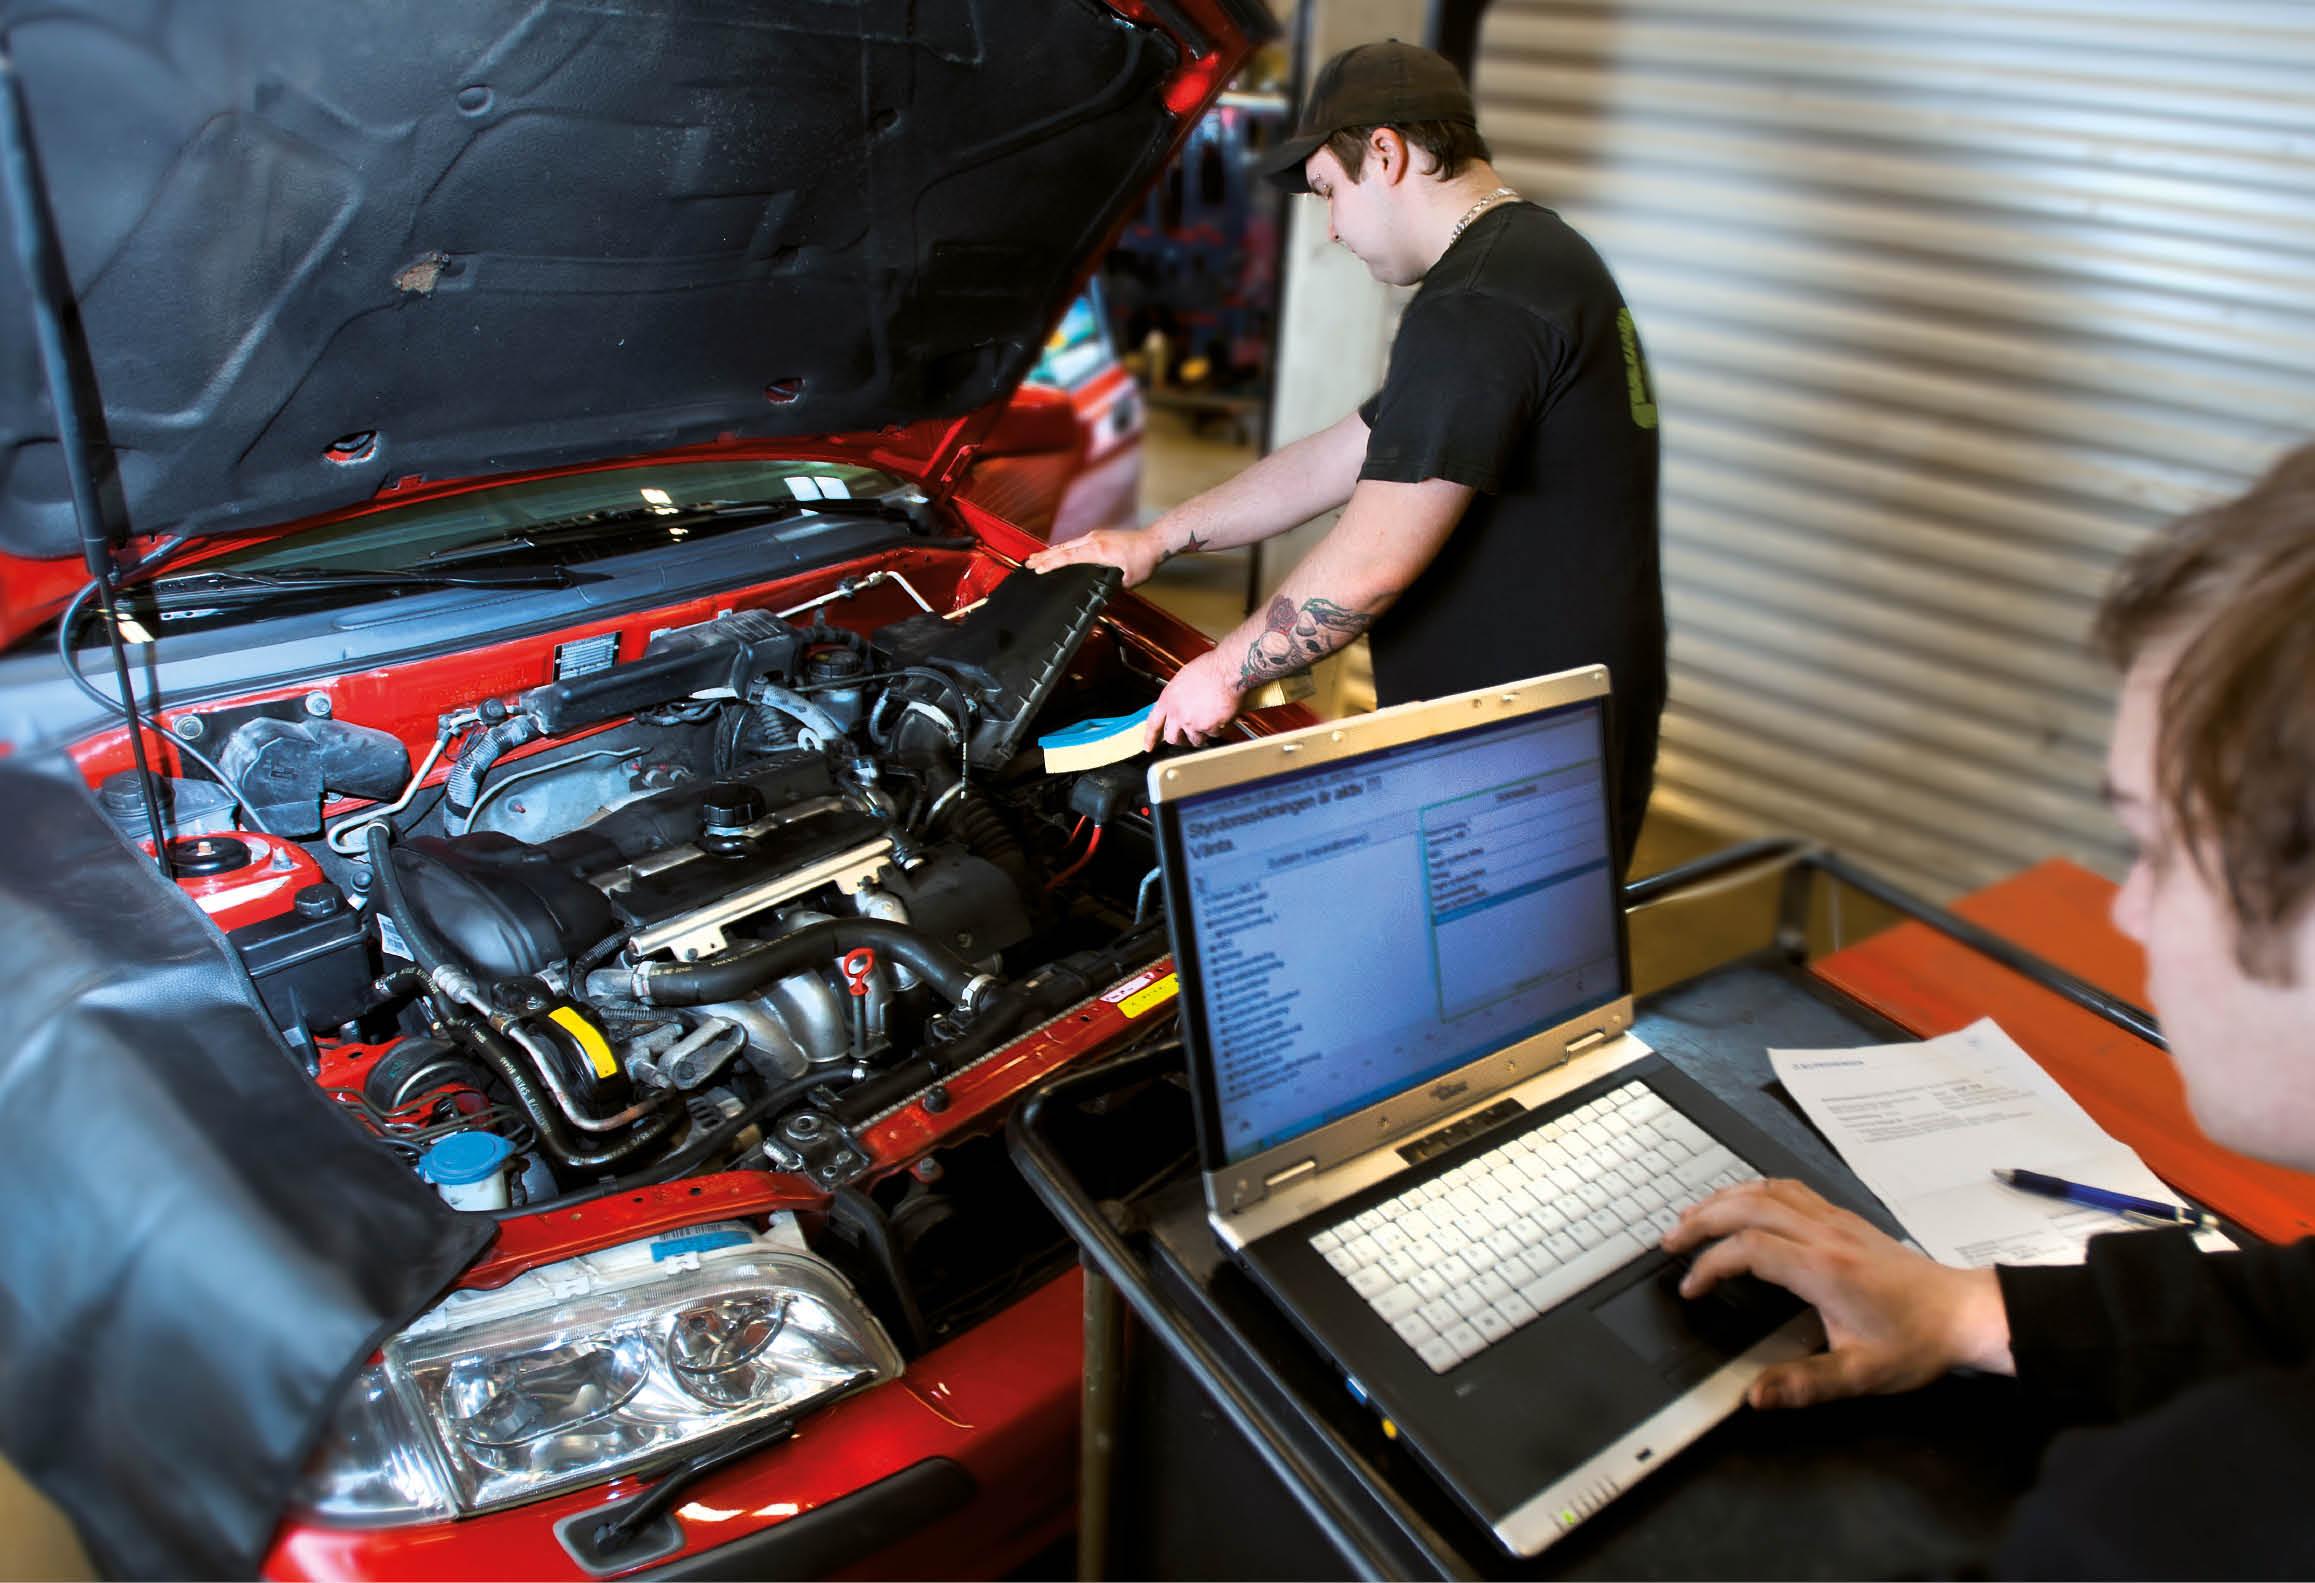 En elev arbetar med bilmotor och annan elev använder laptop